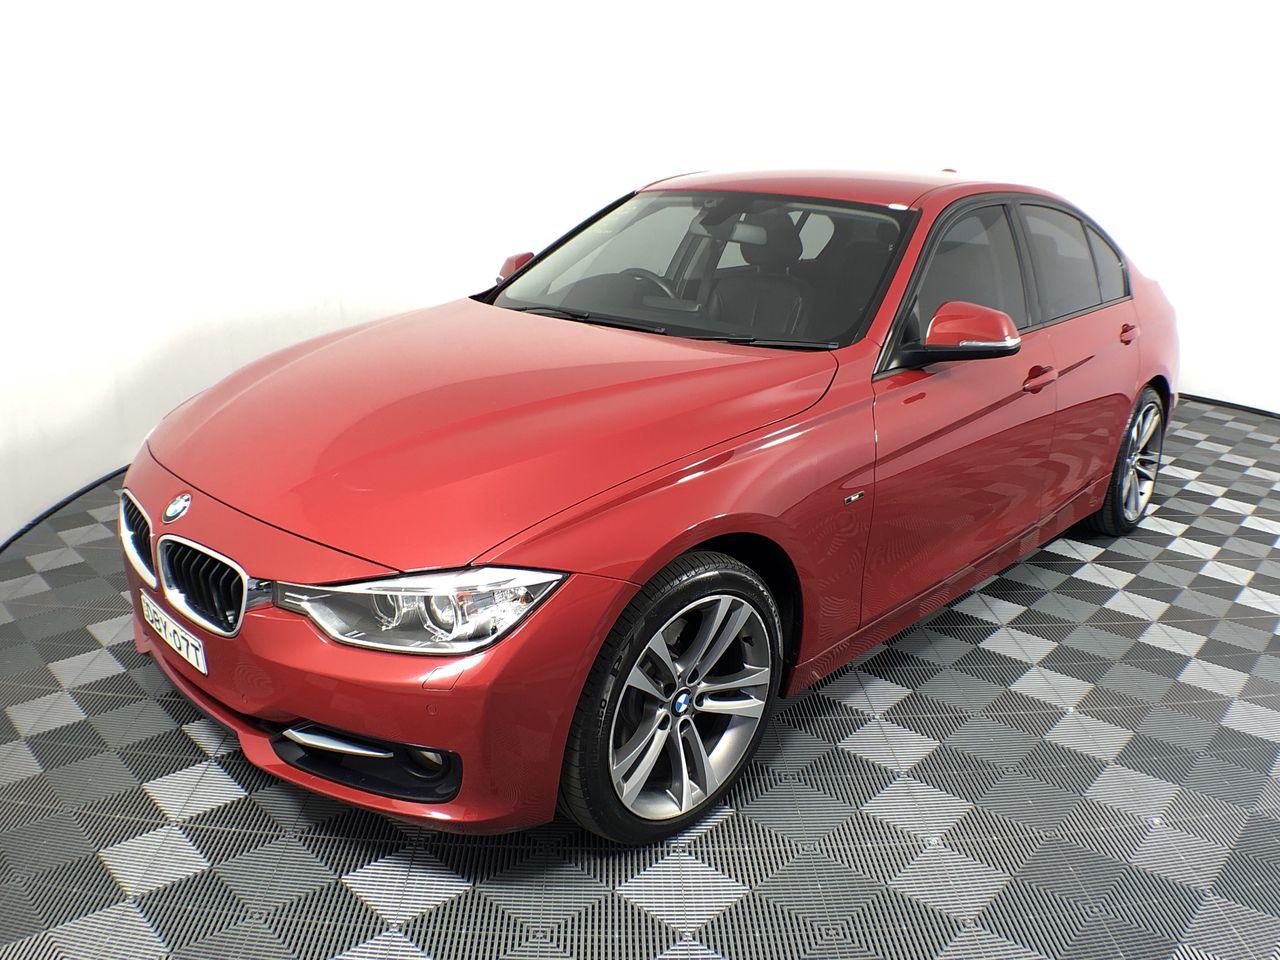 2012 BMW 3 Series 328i F30 Automatic Sedan 92,955km